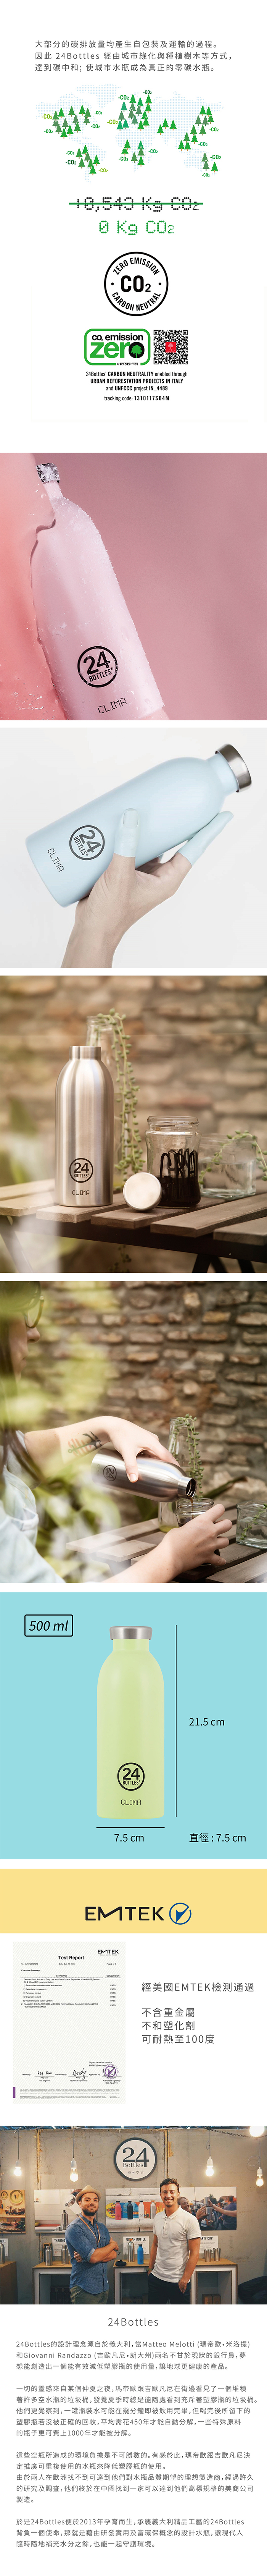 義大利 24Bottles | Clima不銹鋼雙層保溫瓶 500ml - 不鏽鋼